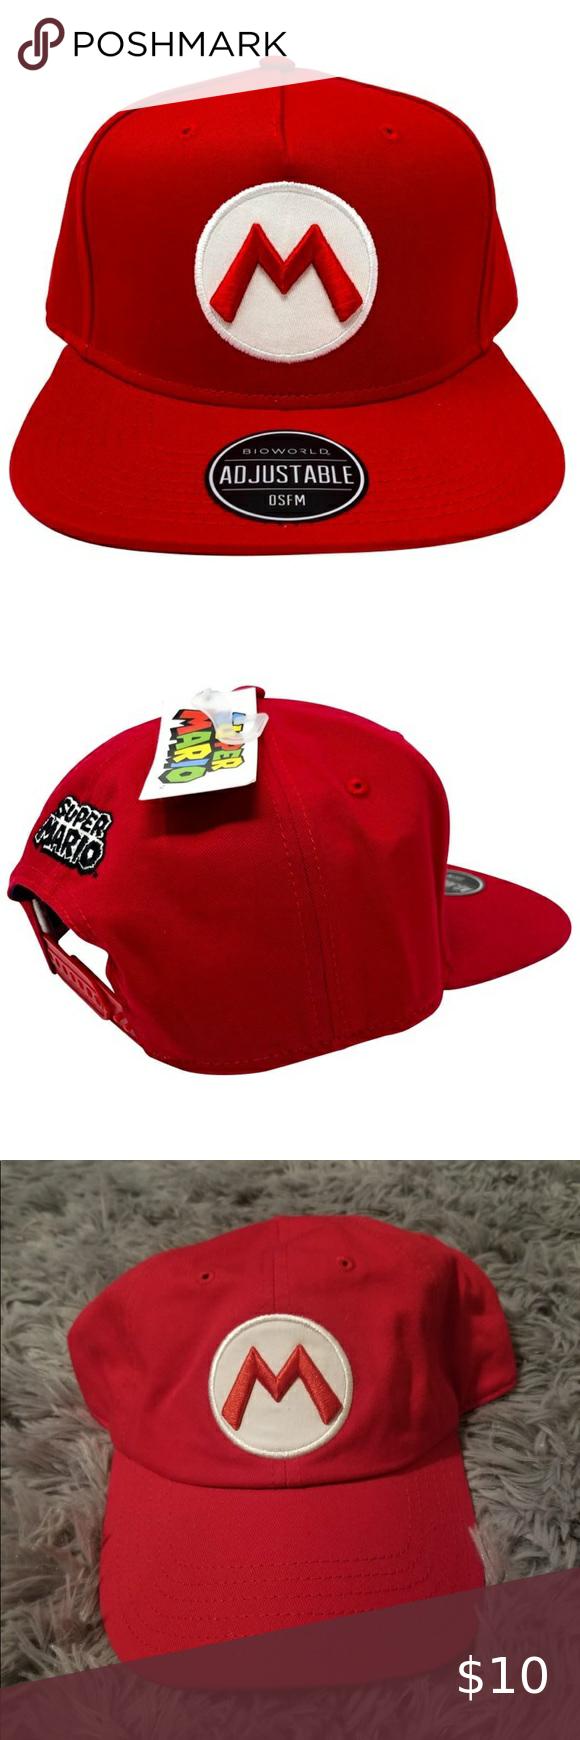 Super Mario Snap Back Hat Red Mario Hat Snap Backs Super Mario